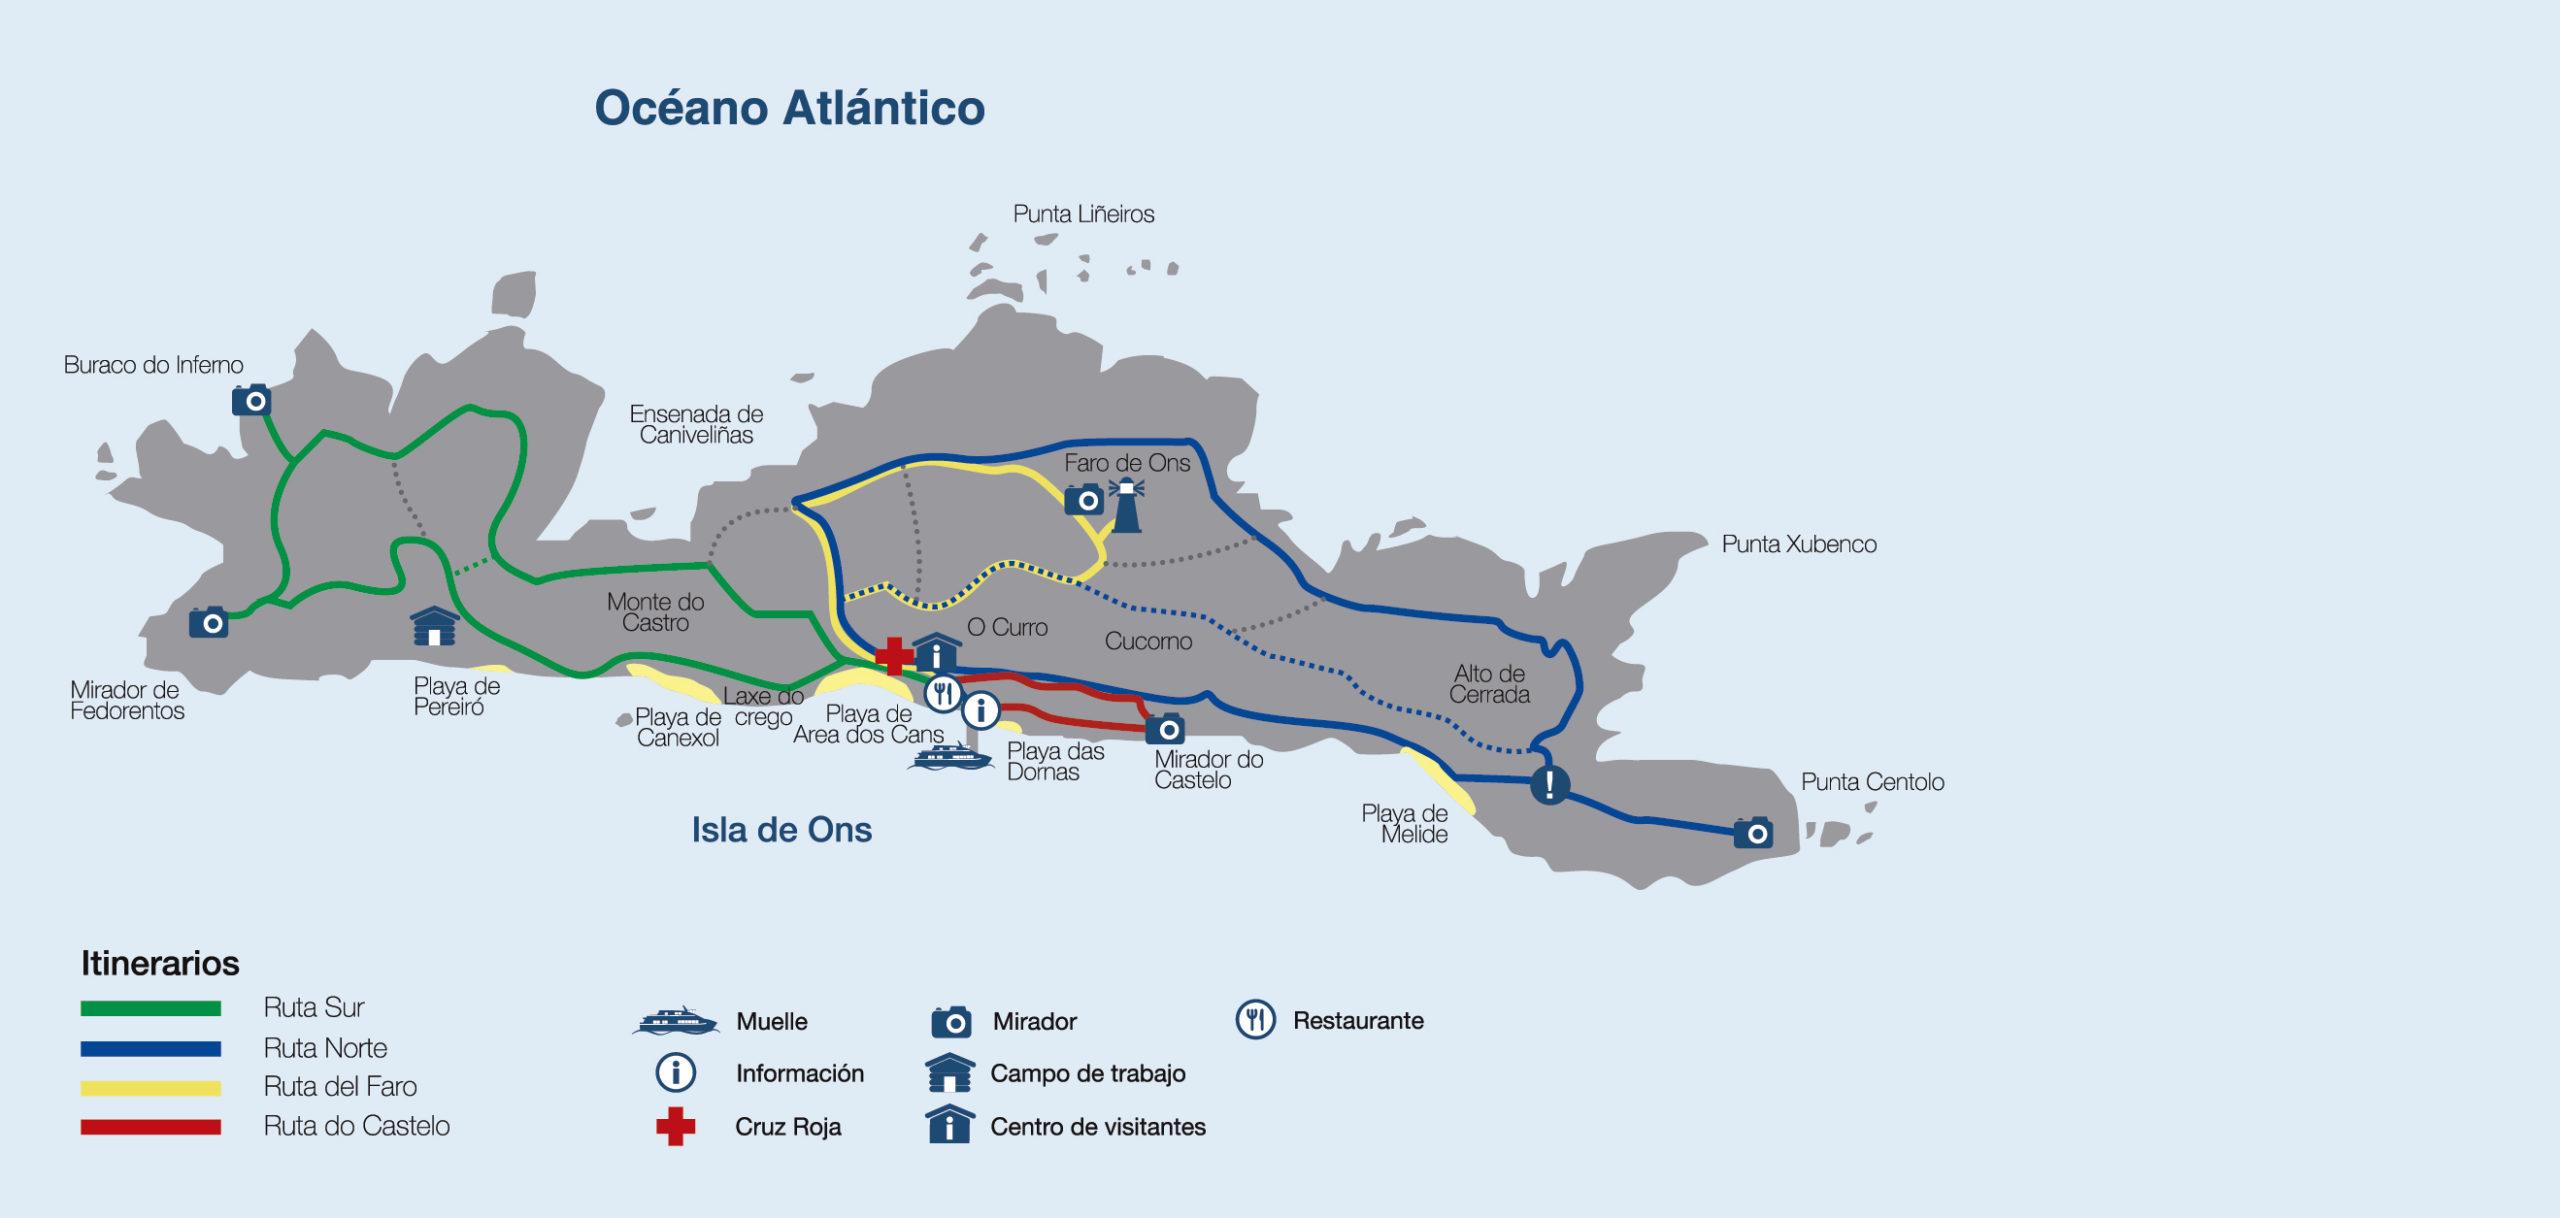 Isla De Ons Mapa.El Mapa De La Isla De Ons Sitios Clave Naviera Mar De Ons